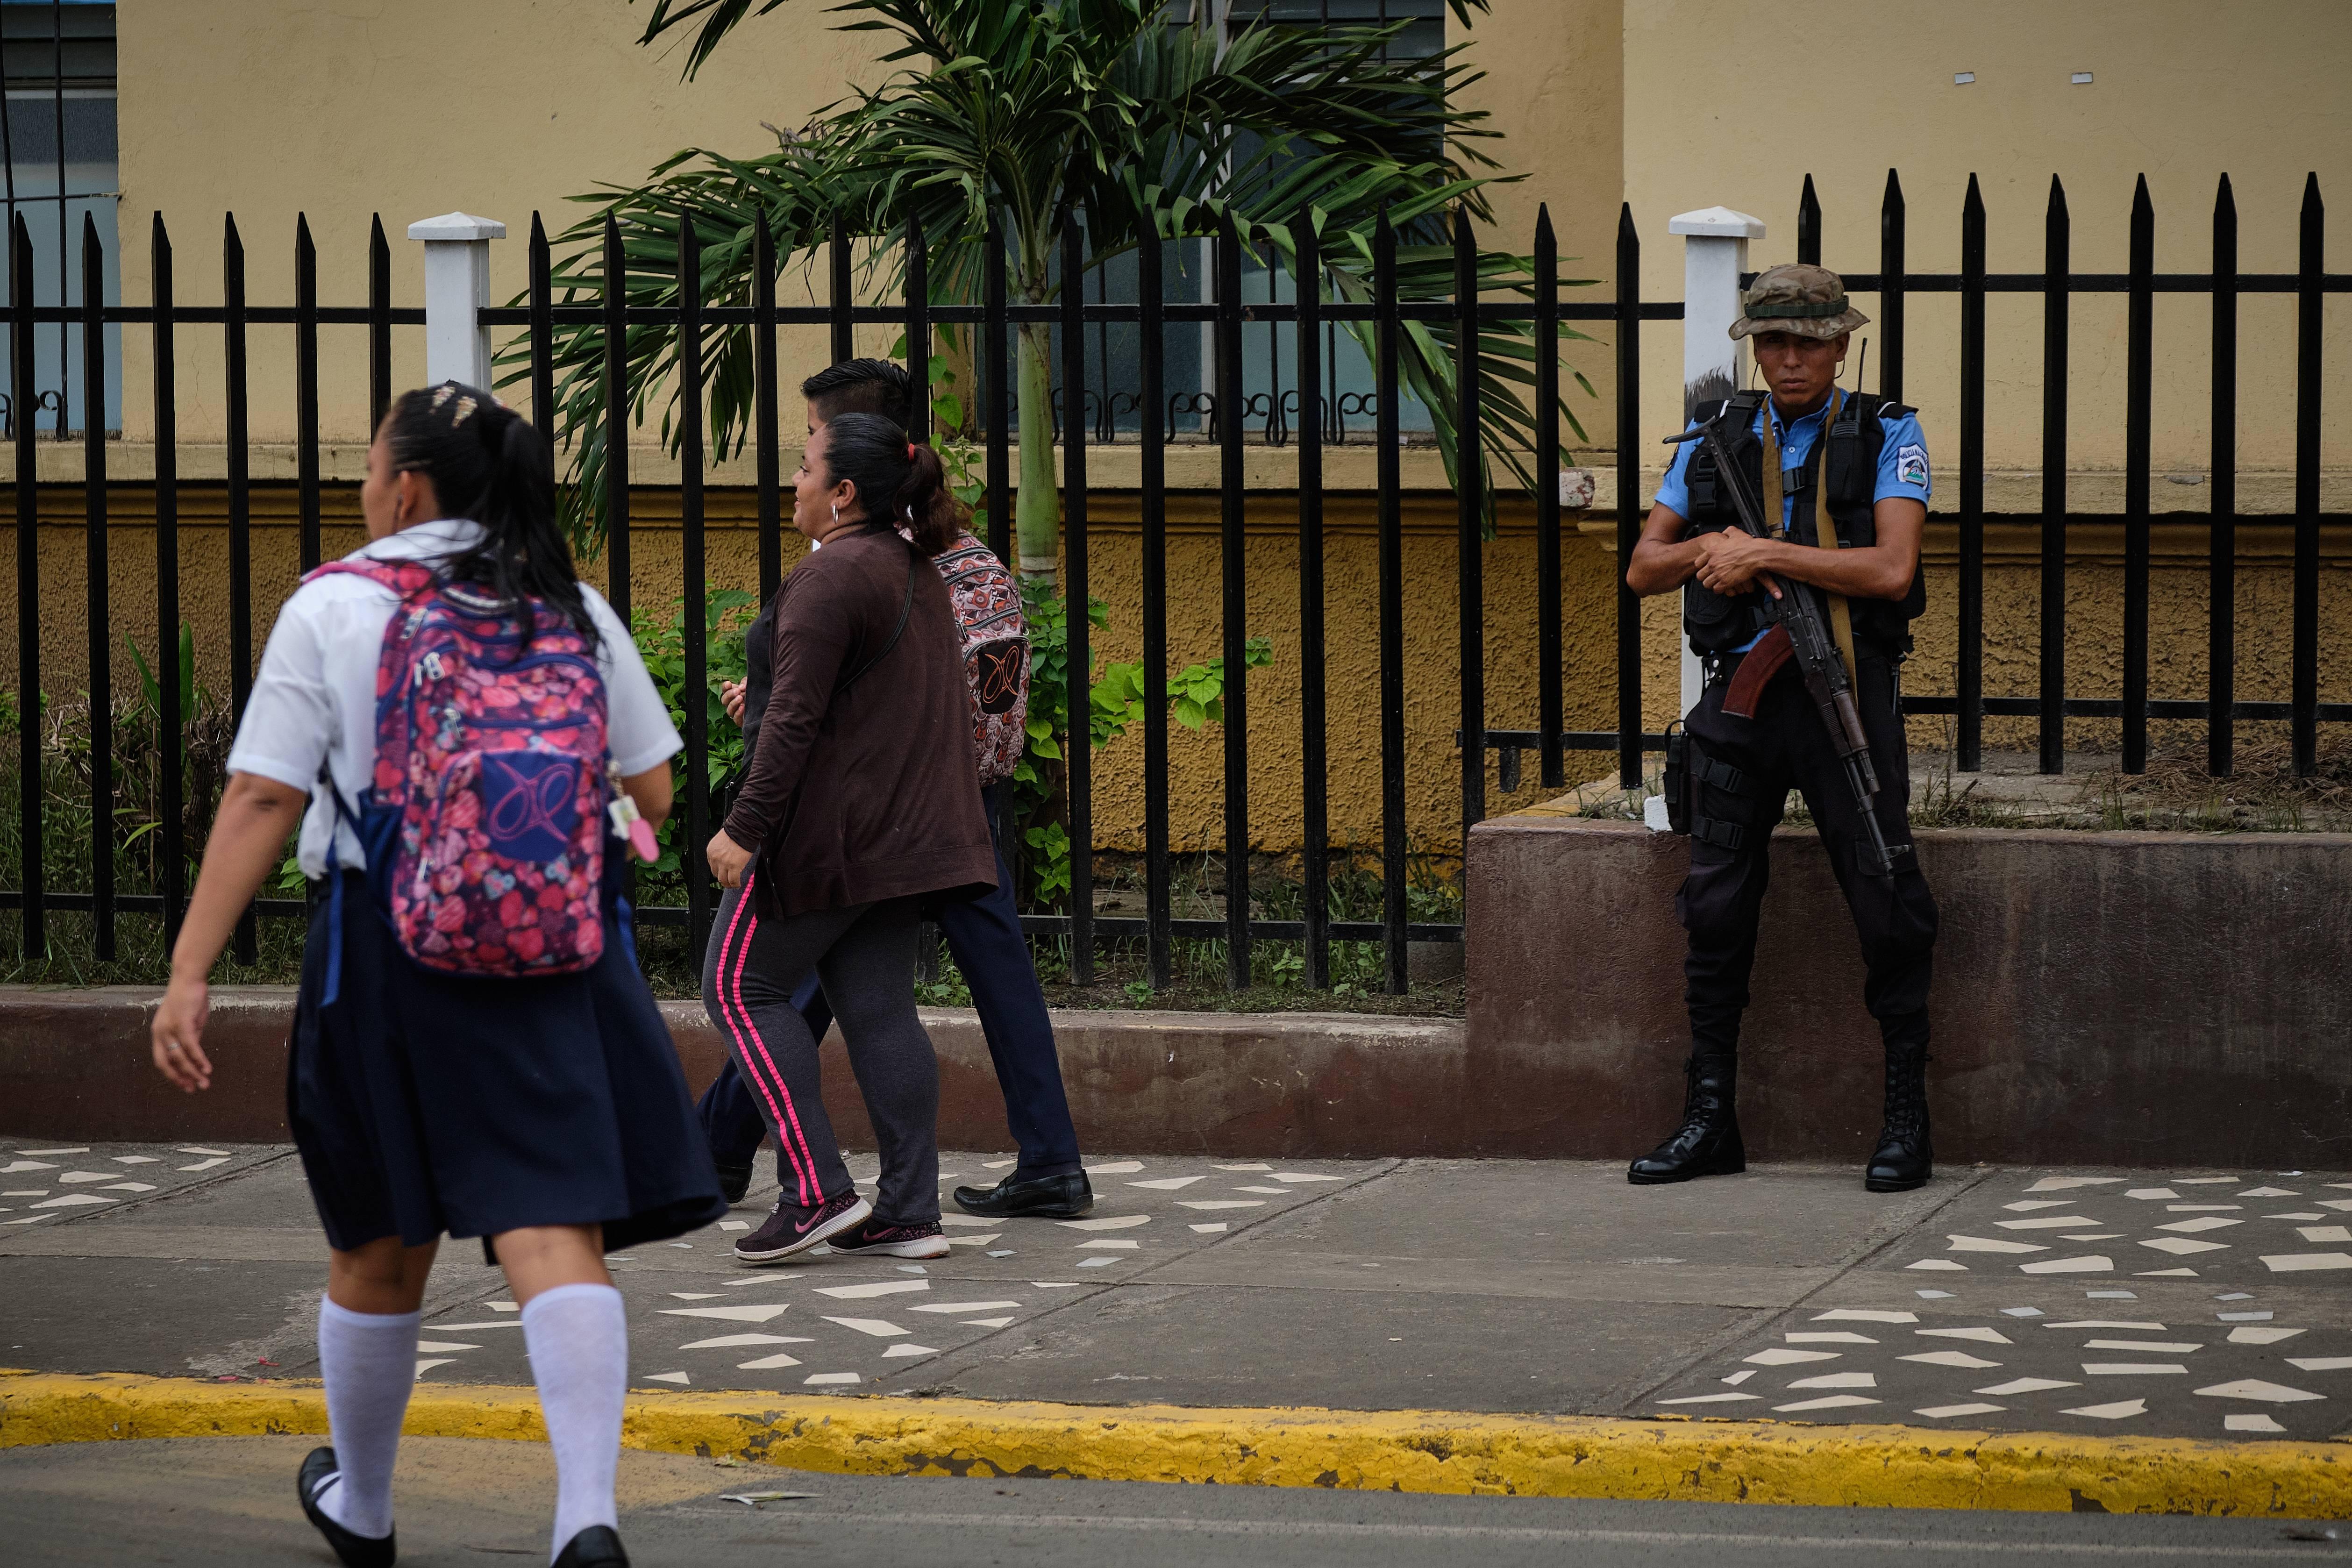 Um policial armado vigia a entrada do bairro de Monaya, em Masaya, um reduto de resistência durante os protestos contra o governo no ano passado. Foto: Carlos Herrera/Washington Post